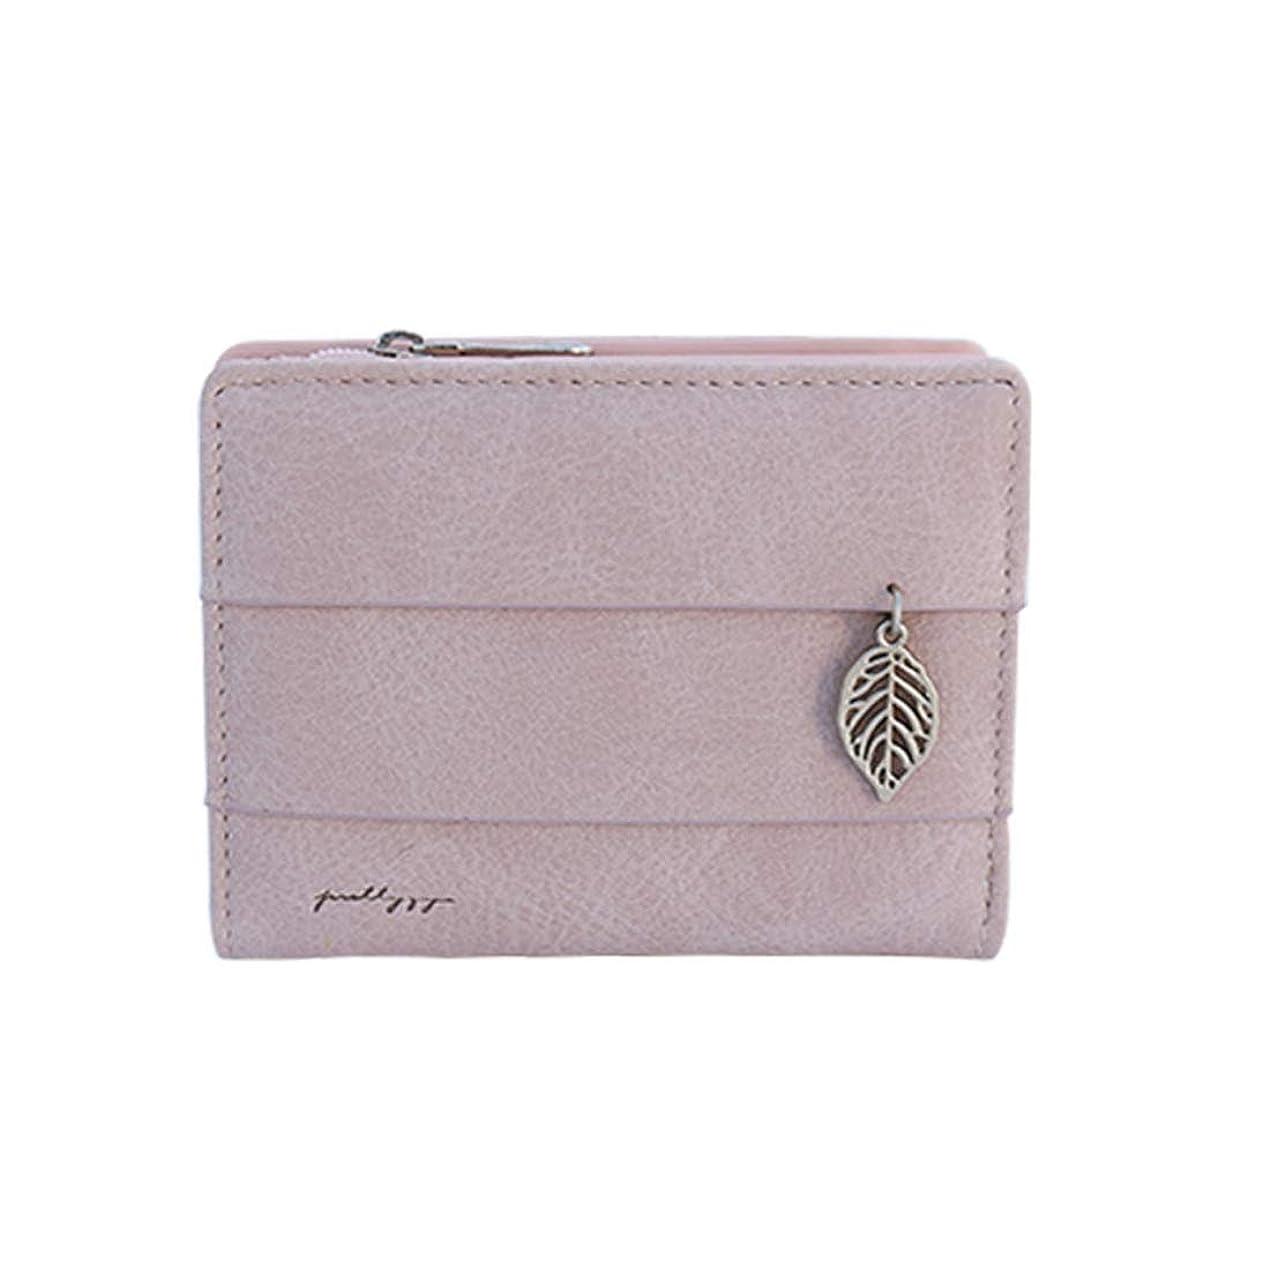 キッチンワゴン加入財布 二つ折り財布 レディース ファスナー付き 軽量  おしゃれ 可愛い カード入れ 誕生日 ウォレット 感謝の日 プレゼント シンプル ワイドレッド ピンク ブルー グレー